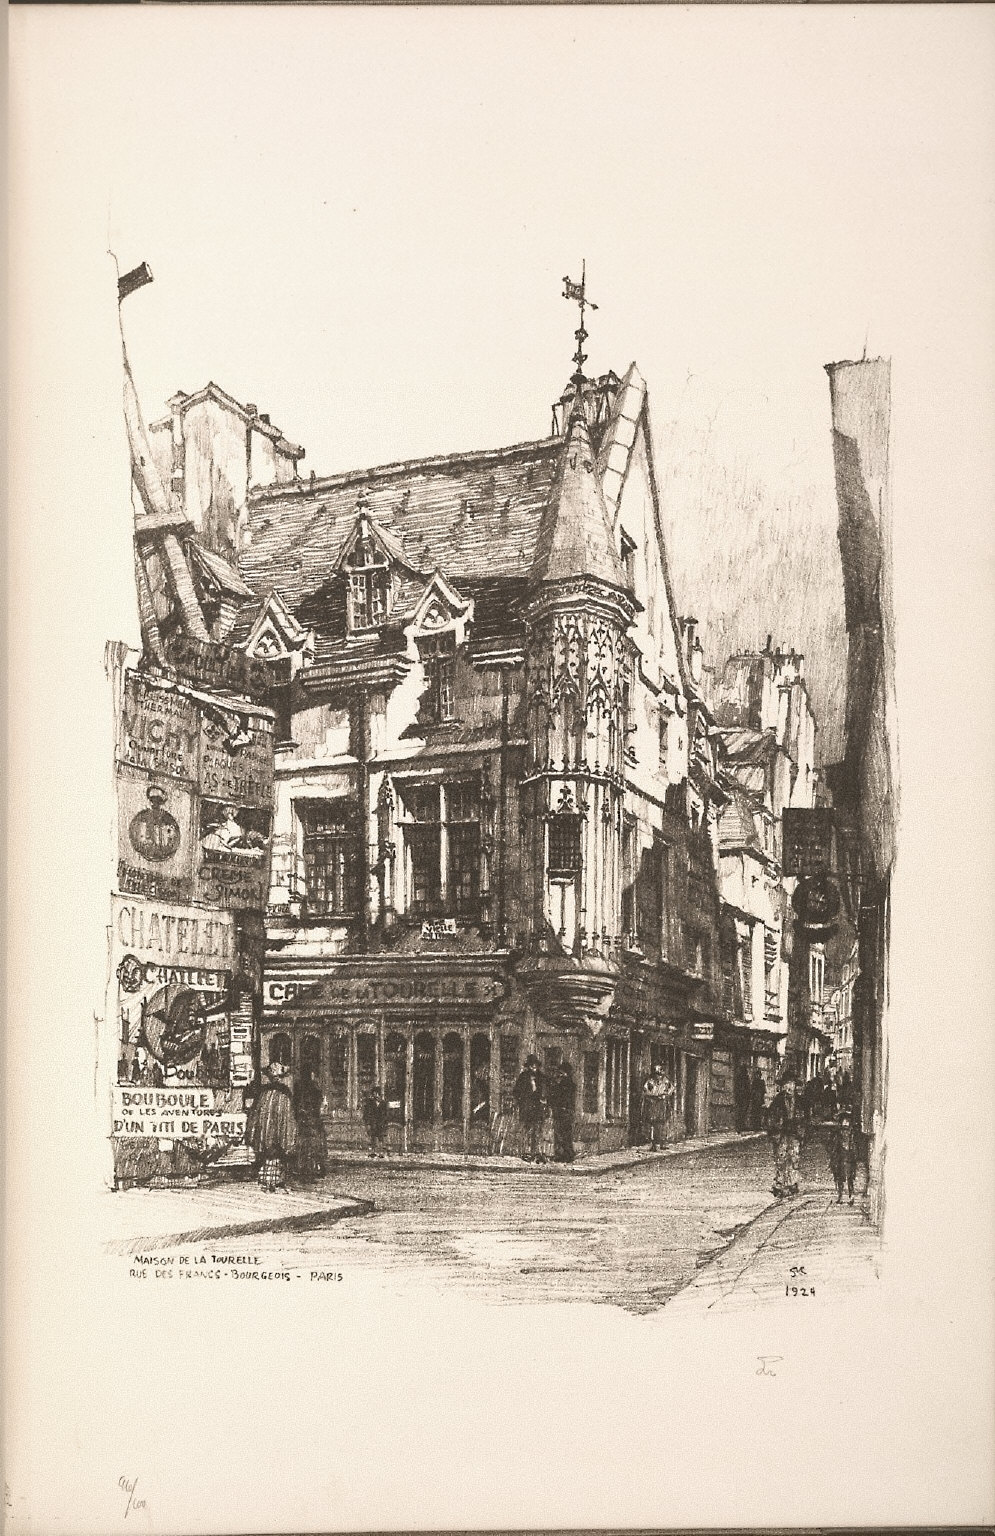 Twenty Lithographs of Old Paris: Maison de la Tourelle, Rue des Frances Bourgeois, Paris